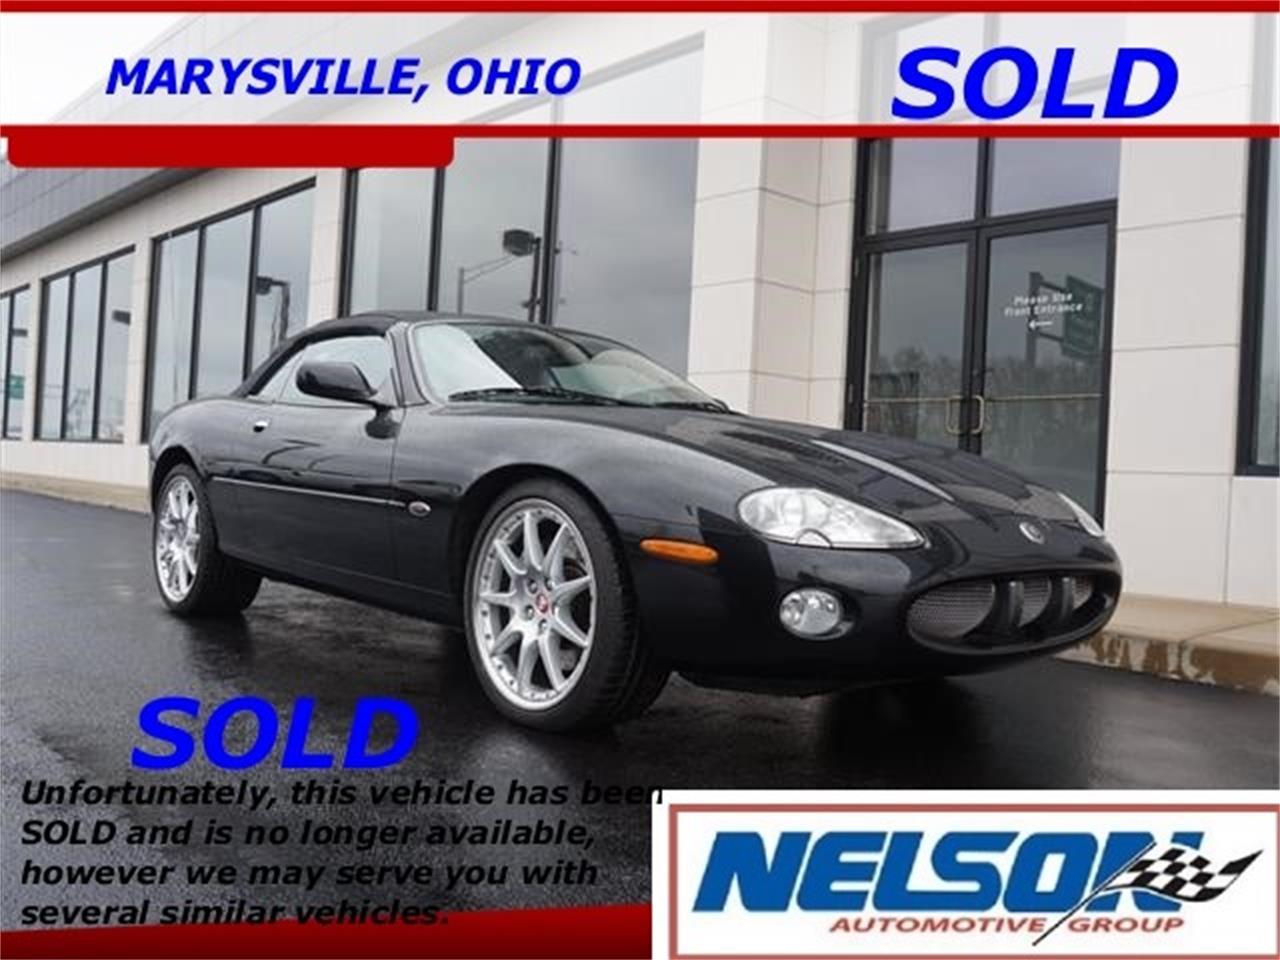 For Sale: 2002 Jaguar XKR in Marysville, Ohio